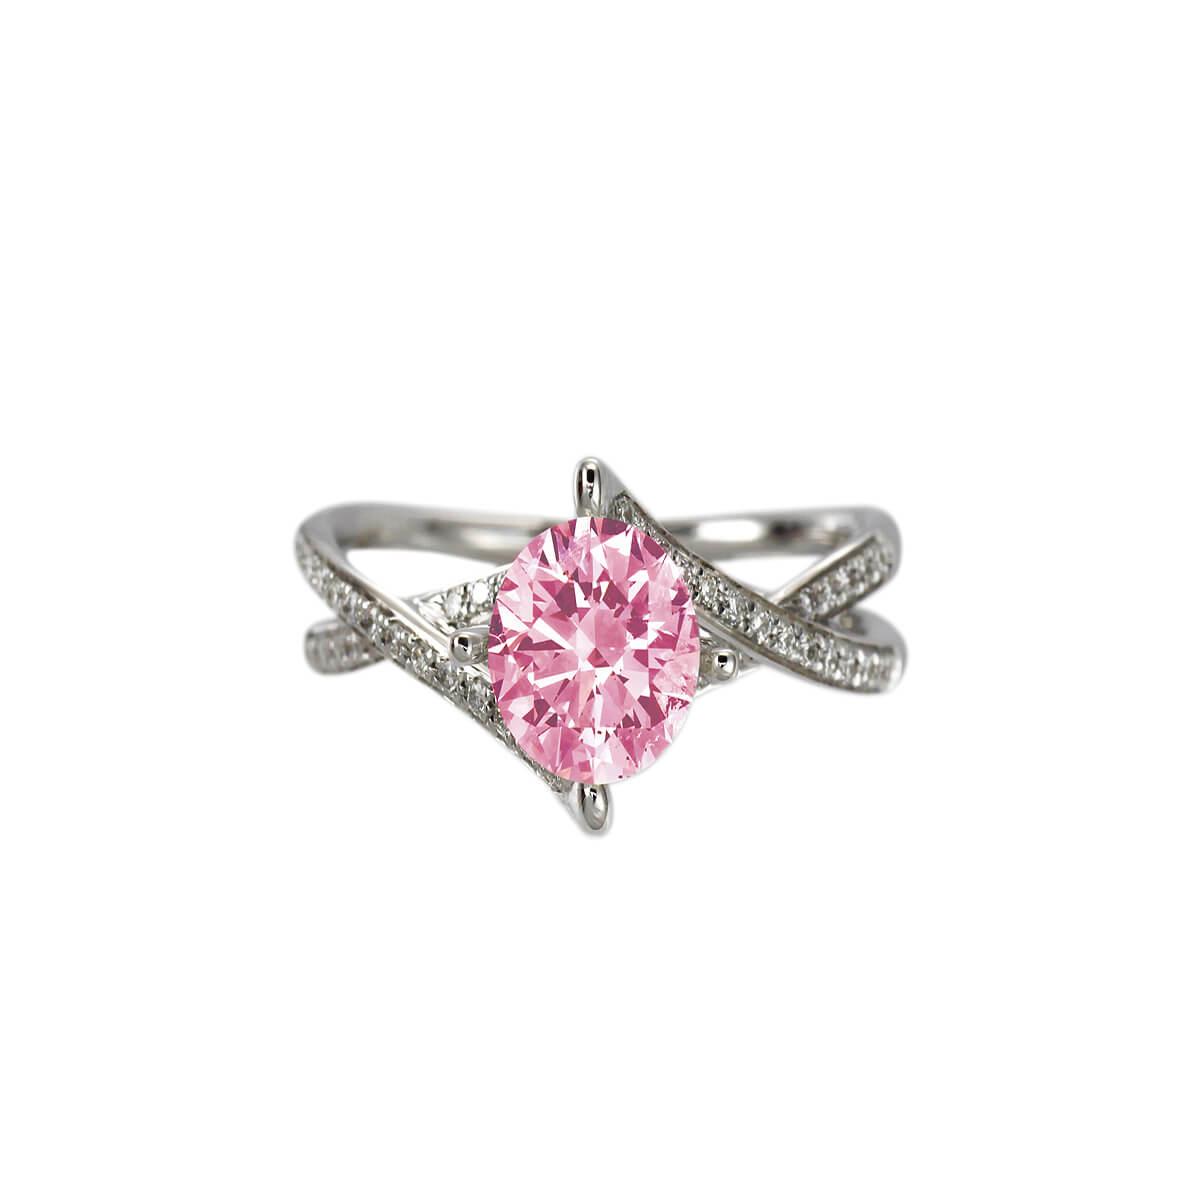 Anastasia Pink Diamond Ring